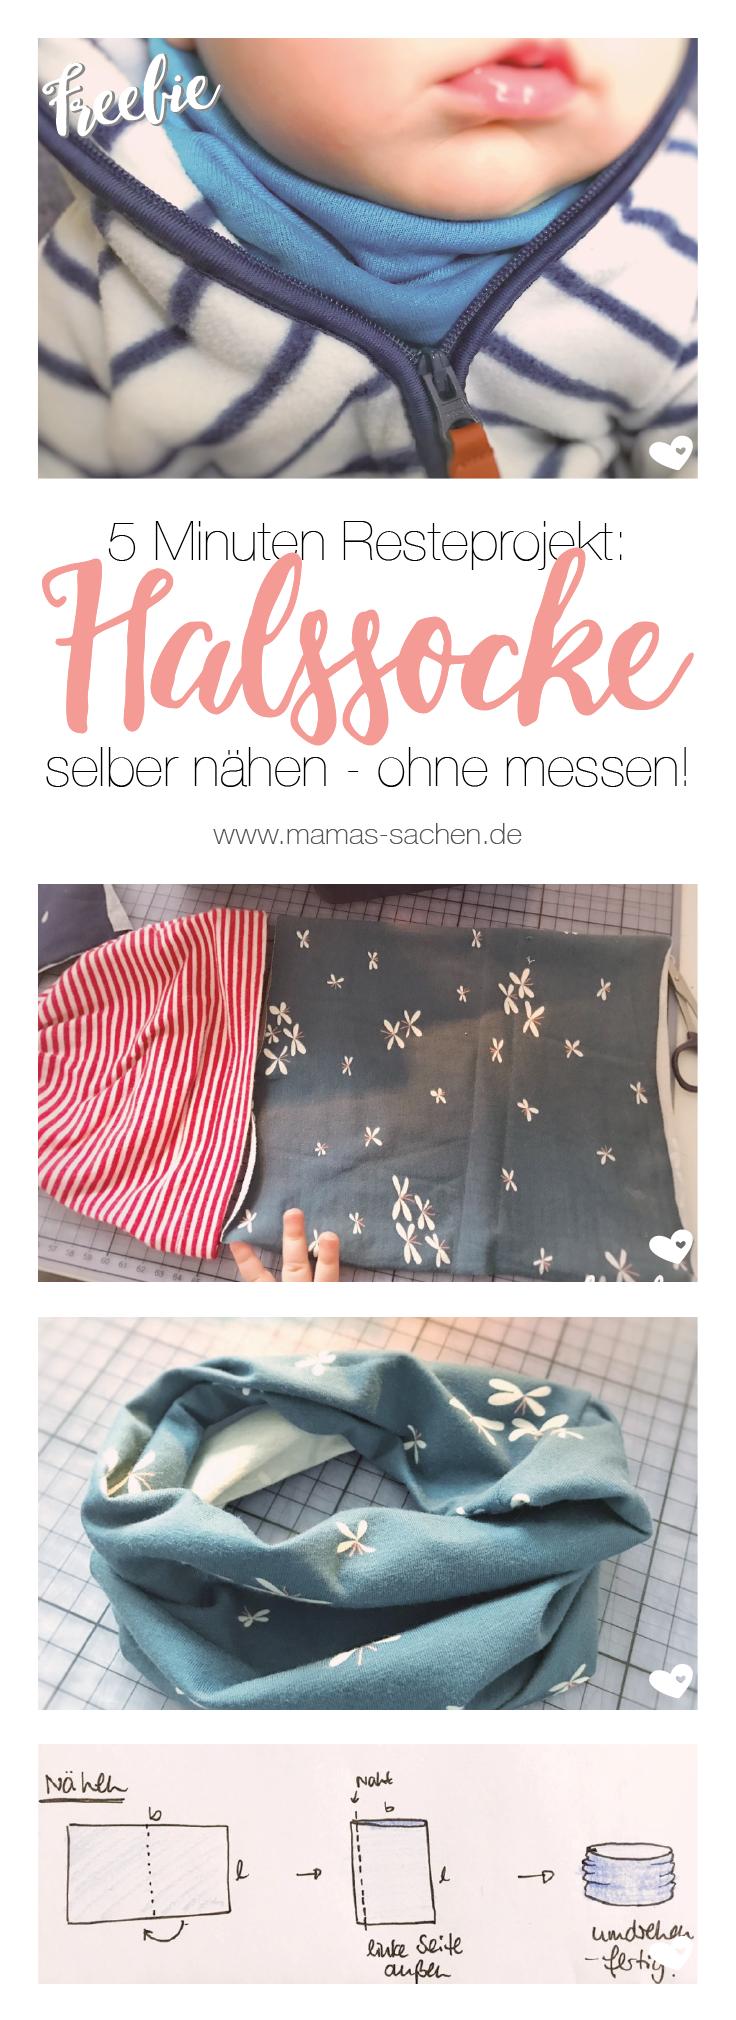 Halssocke nähen | Freebie | kostenlose Anleitung | Buff nähen | Nähen für Babys